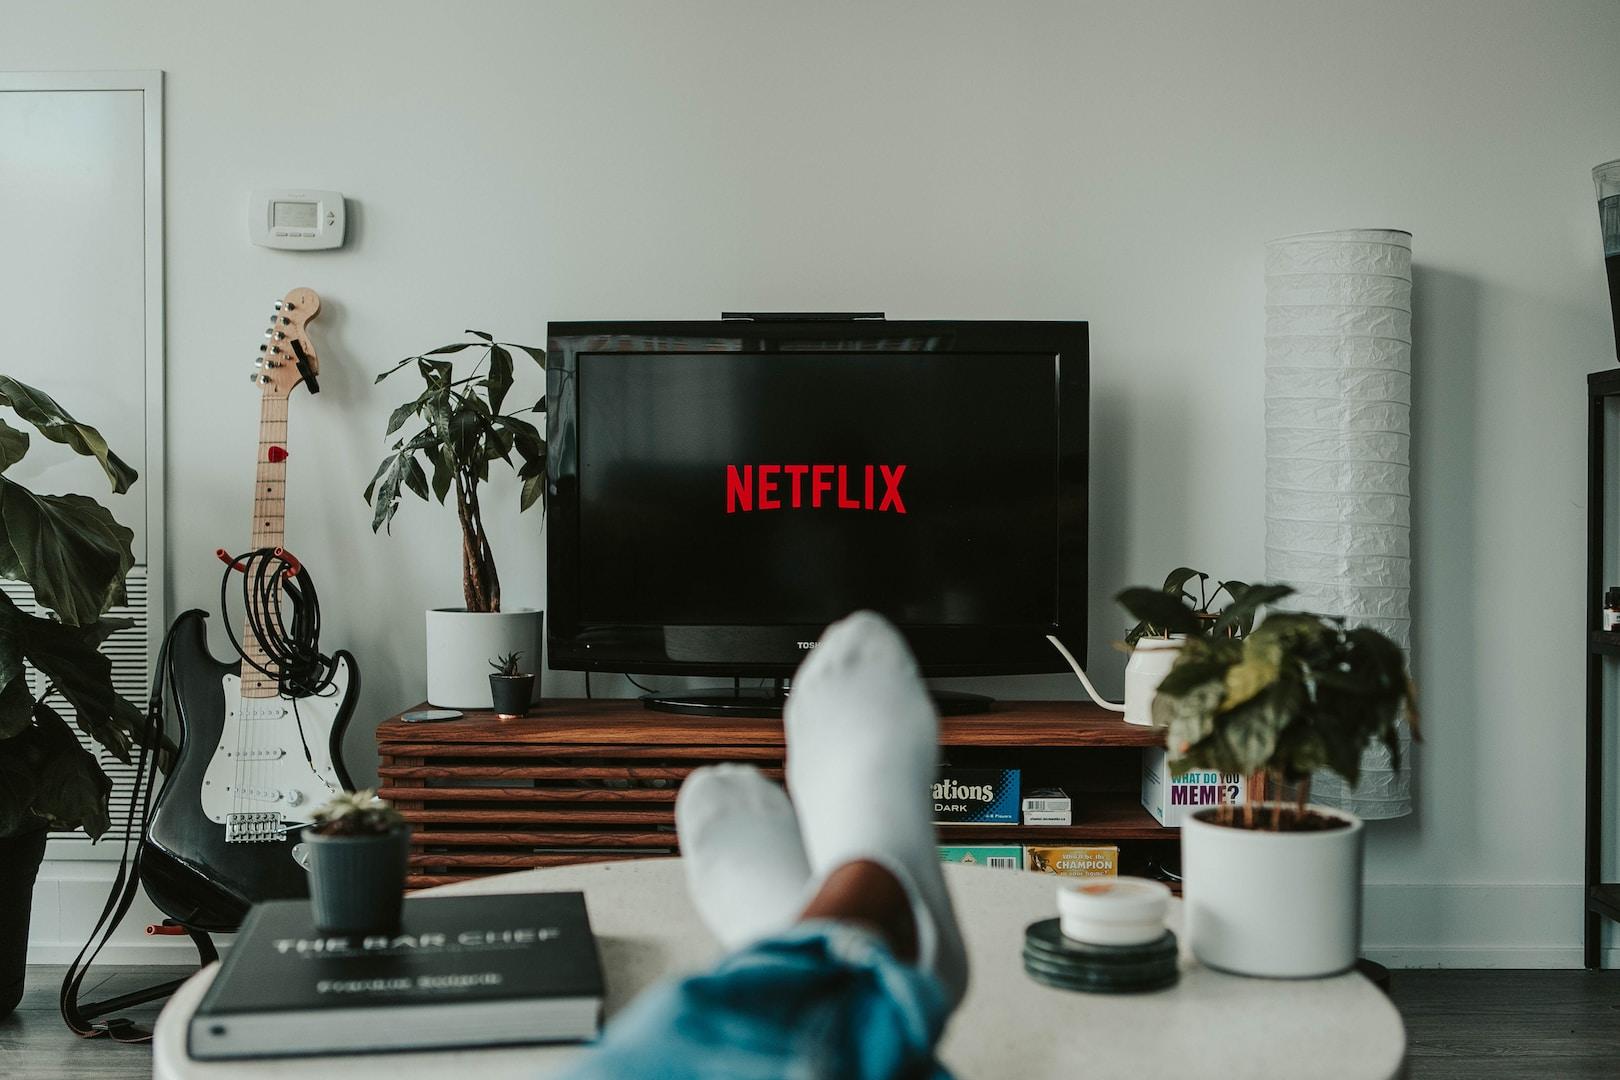 μαύρη τηλεόραση επίπεδης οθόνης ενεργοποιημένη με ένδειξη netfilx